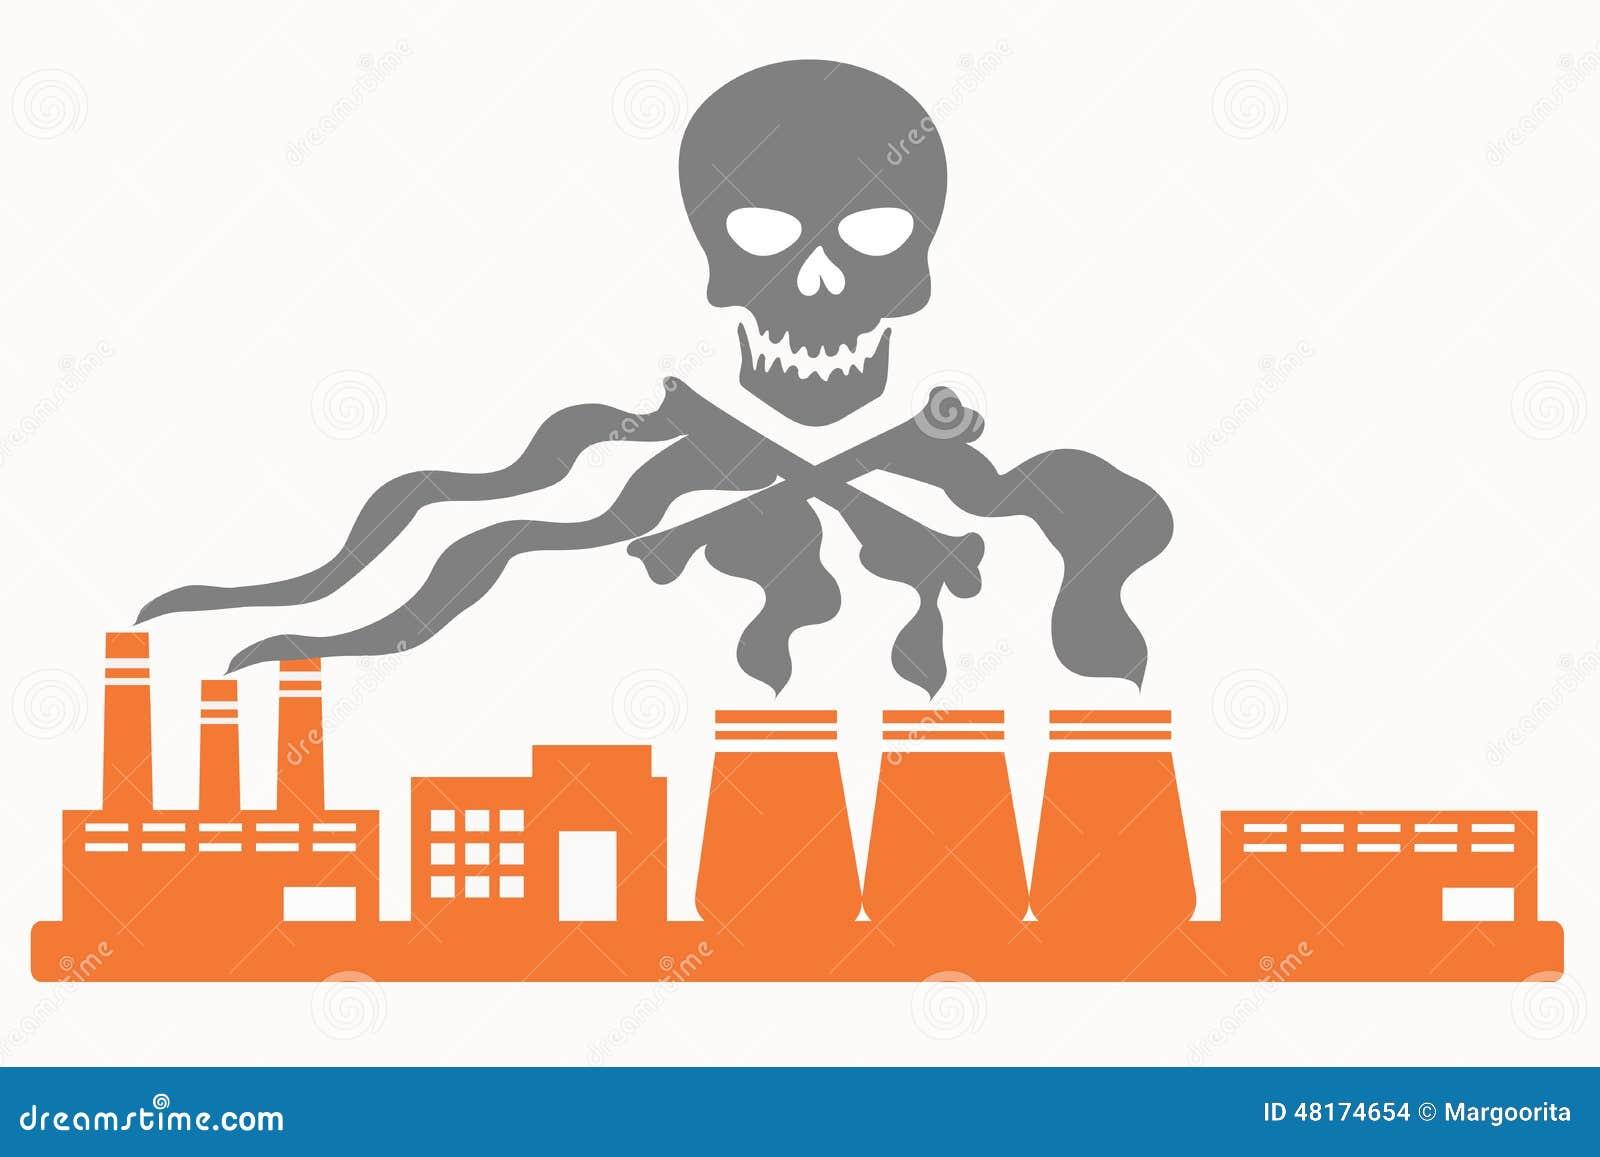 Air Pollution Skull : Air pollution stock vector illustration of flat